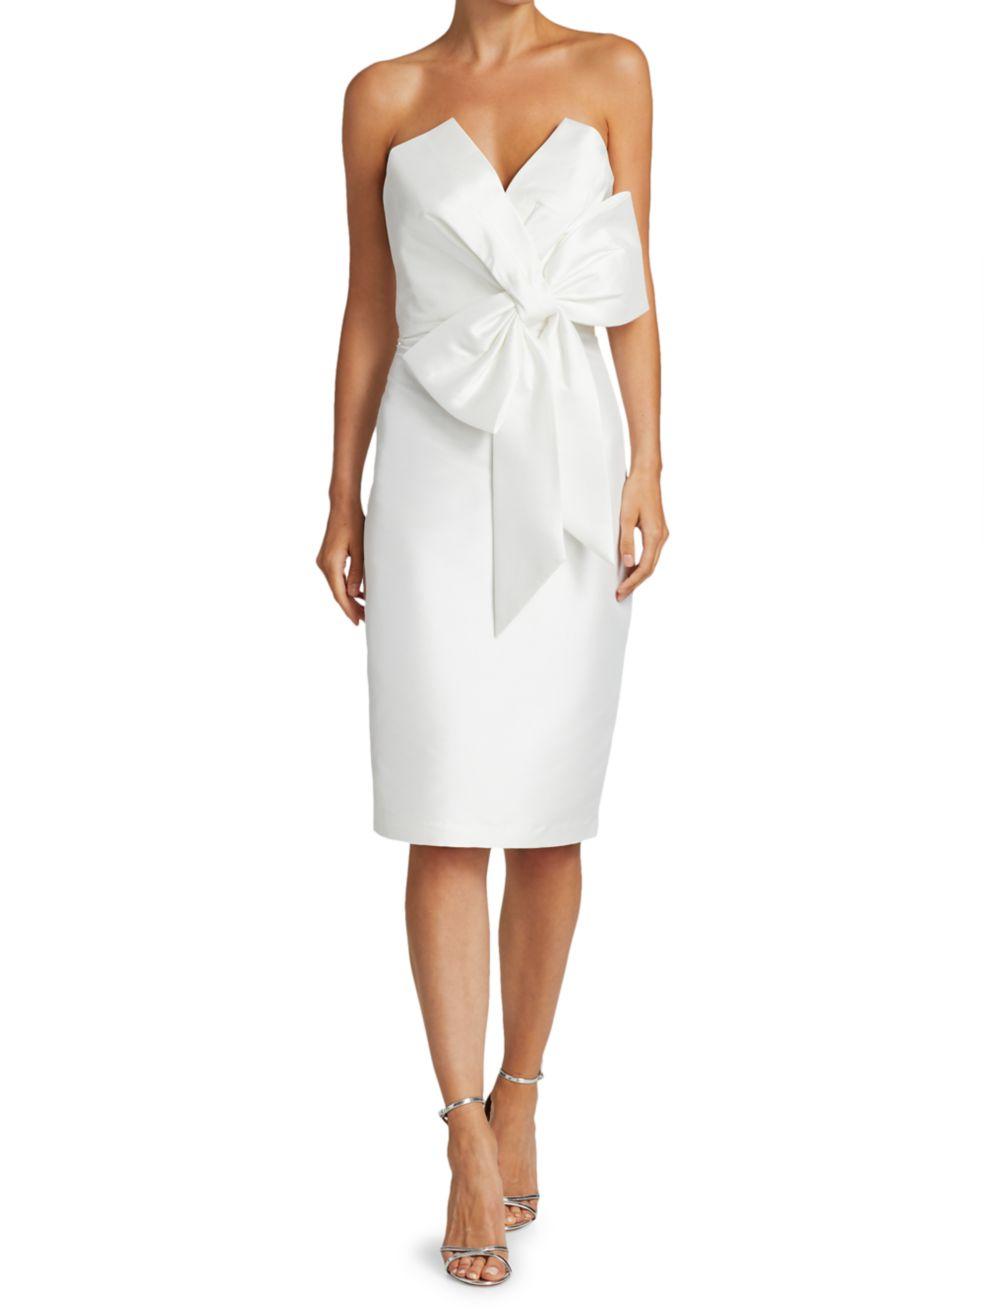 Badgley Mischka Scupture Bow-Front Strapless Dress1   SaksFifthAvenue